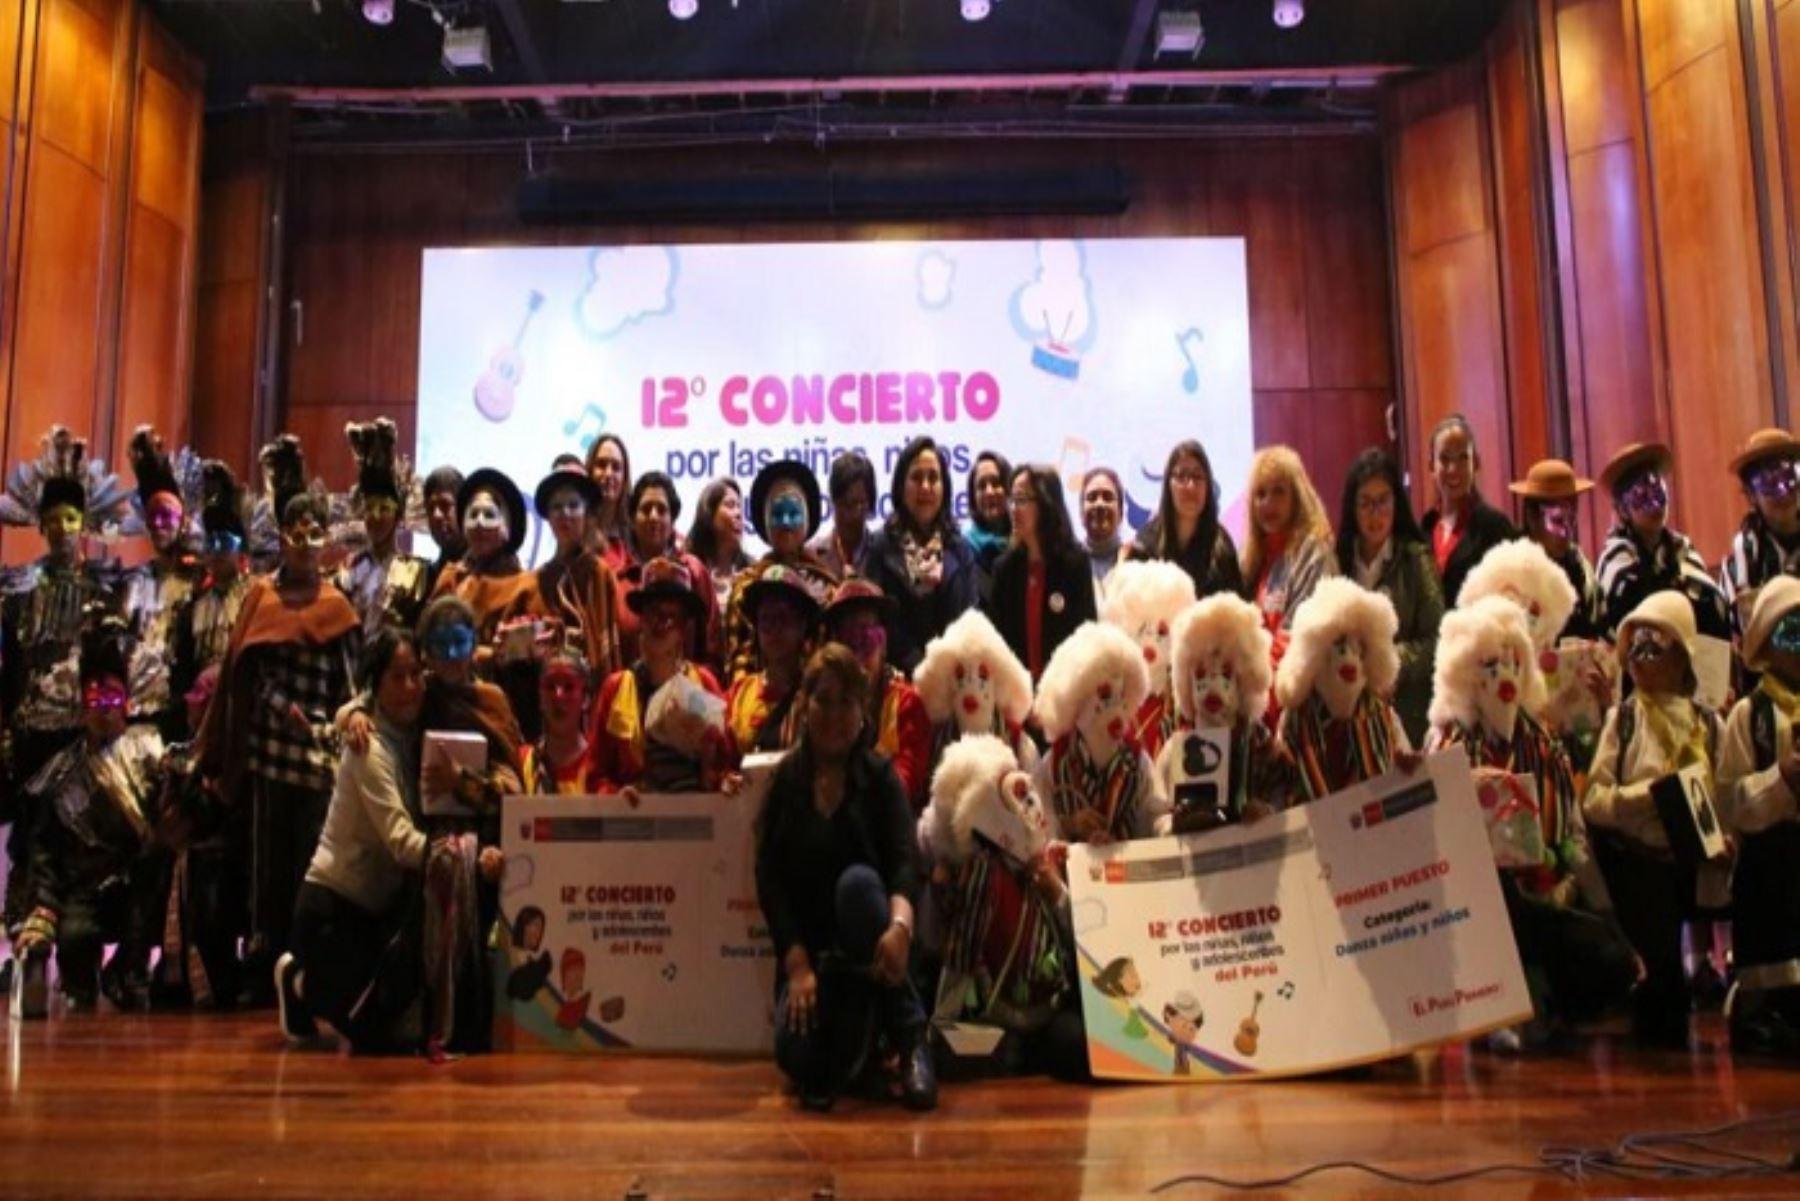 """El 12° """"Concierto por las niñas, niños y adolescentes del Perú"""", organizado por el Ministerio de la Mujer y Poblaciones Vulnerables (Mimp) con el apoyo del Ministerio de Cultura, que congregó a más de 100 residentes de 13 Centros de Atención Residencial (CAR) del país, a cargo del Programa Integral Nacional para el Bienestar Familiar (Inabif)."""